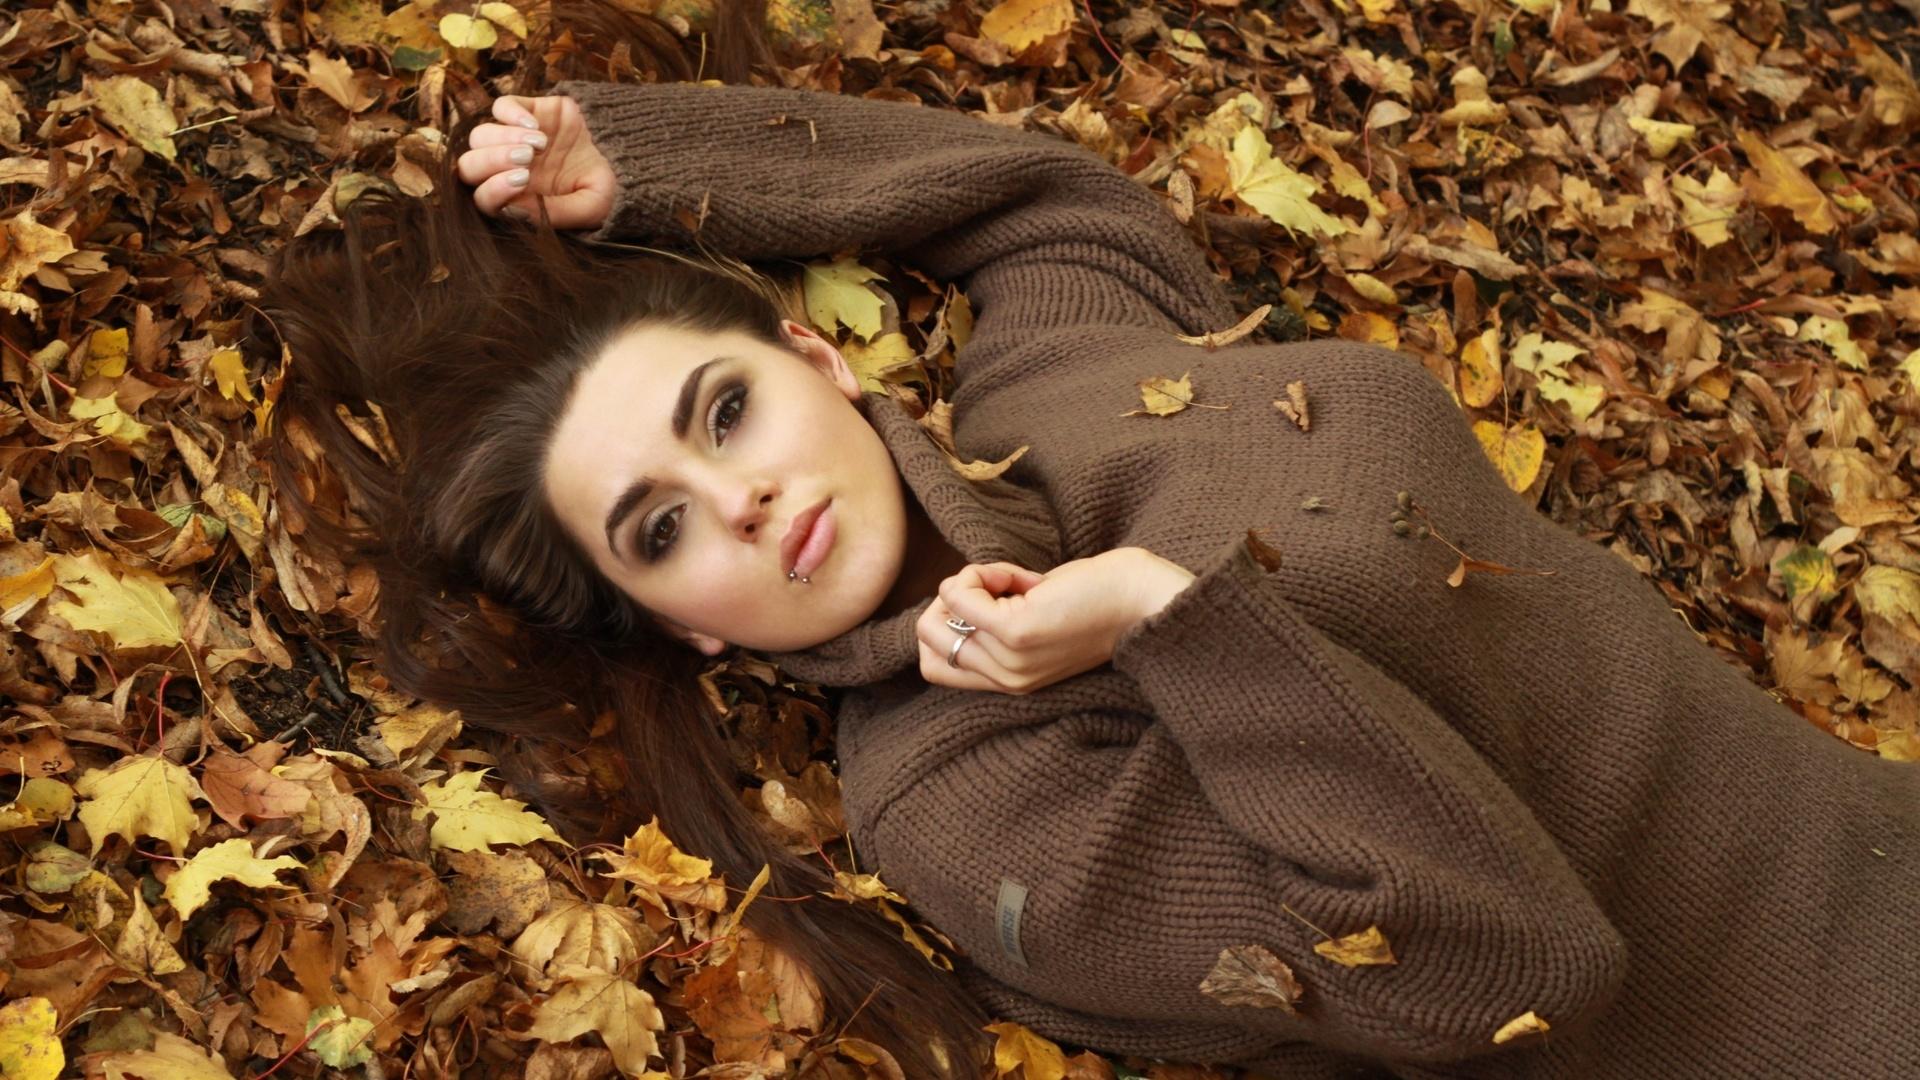 Поздравлениями марта, картинки девушка осенью в листьях